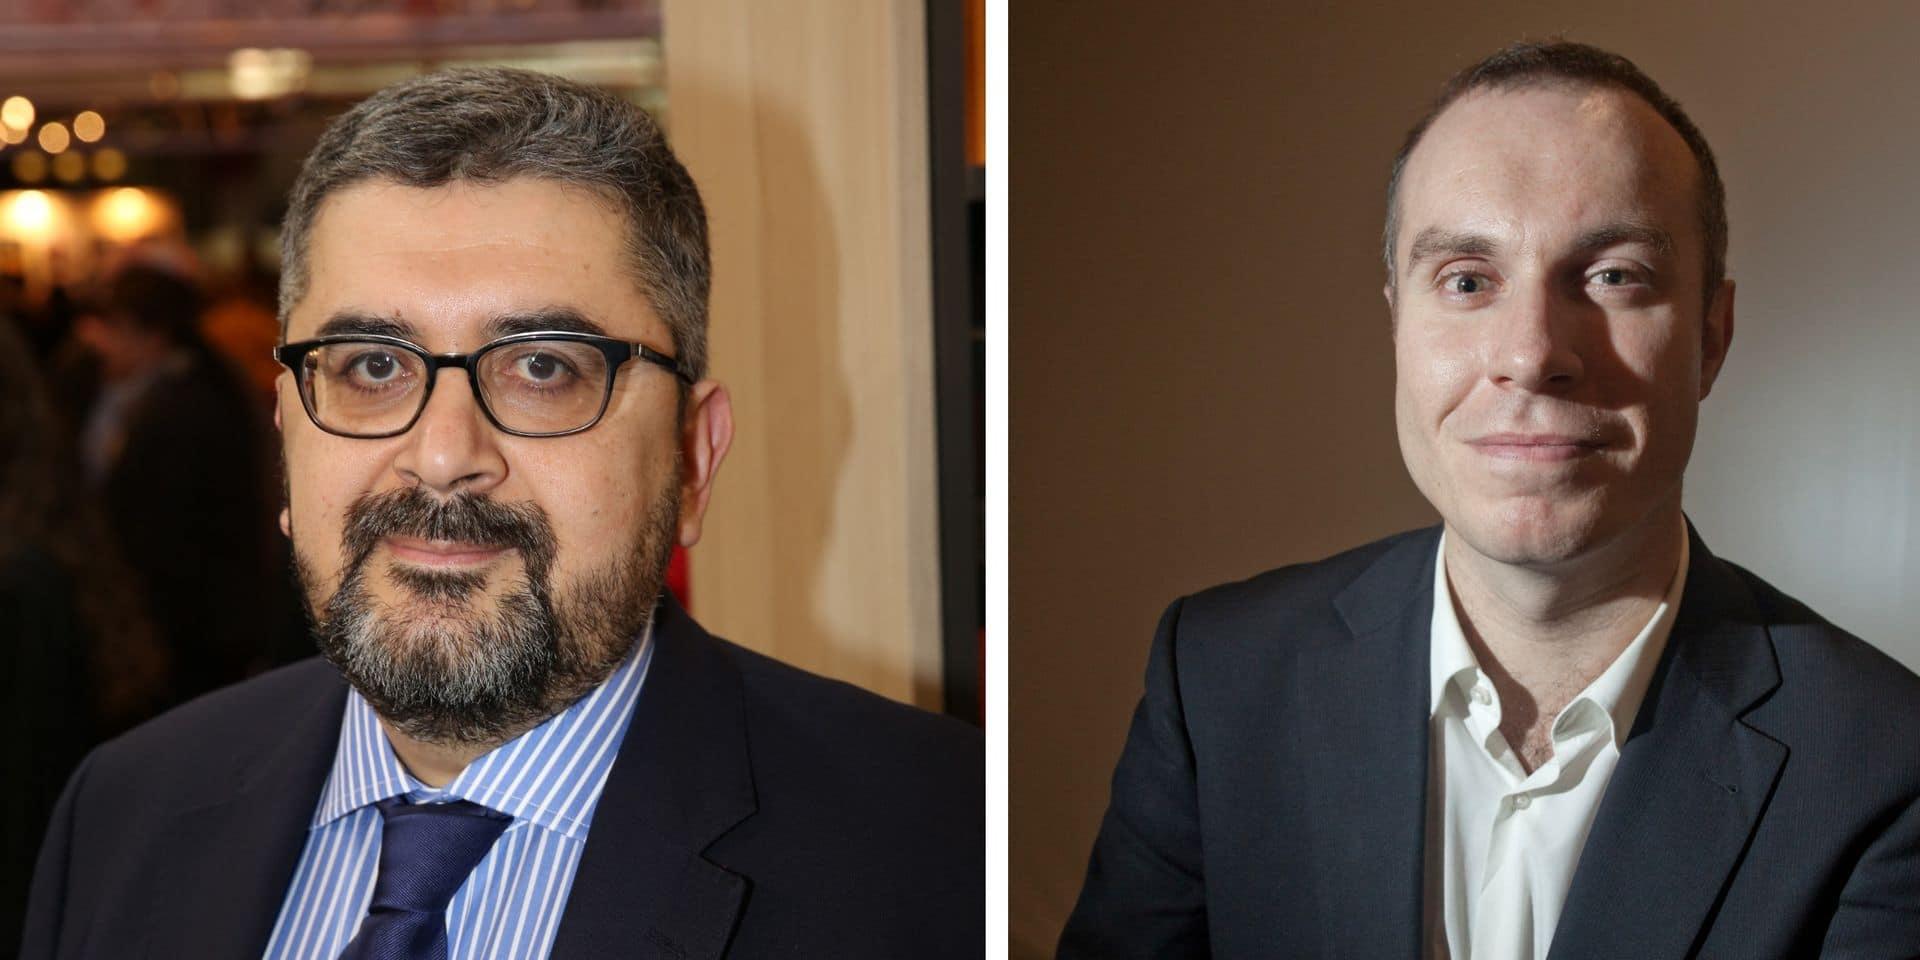 L'islamo-gauchisme existe-t-il vraiment? Face-à-face entre Mohamed Sifaoui et François Gemenne